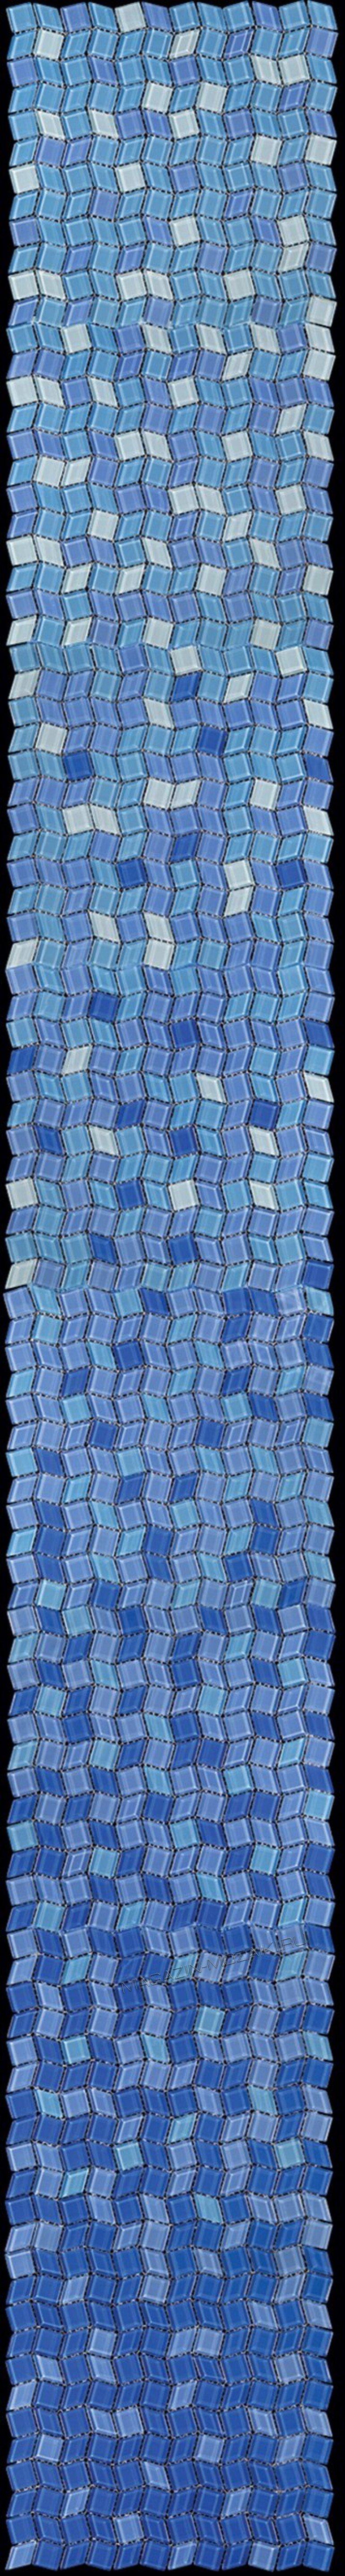 растяжка из мозаики F-124 (KF-124)